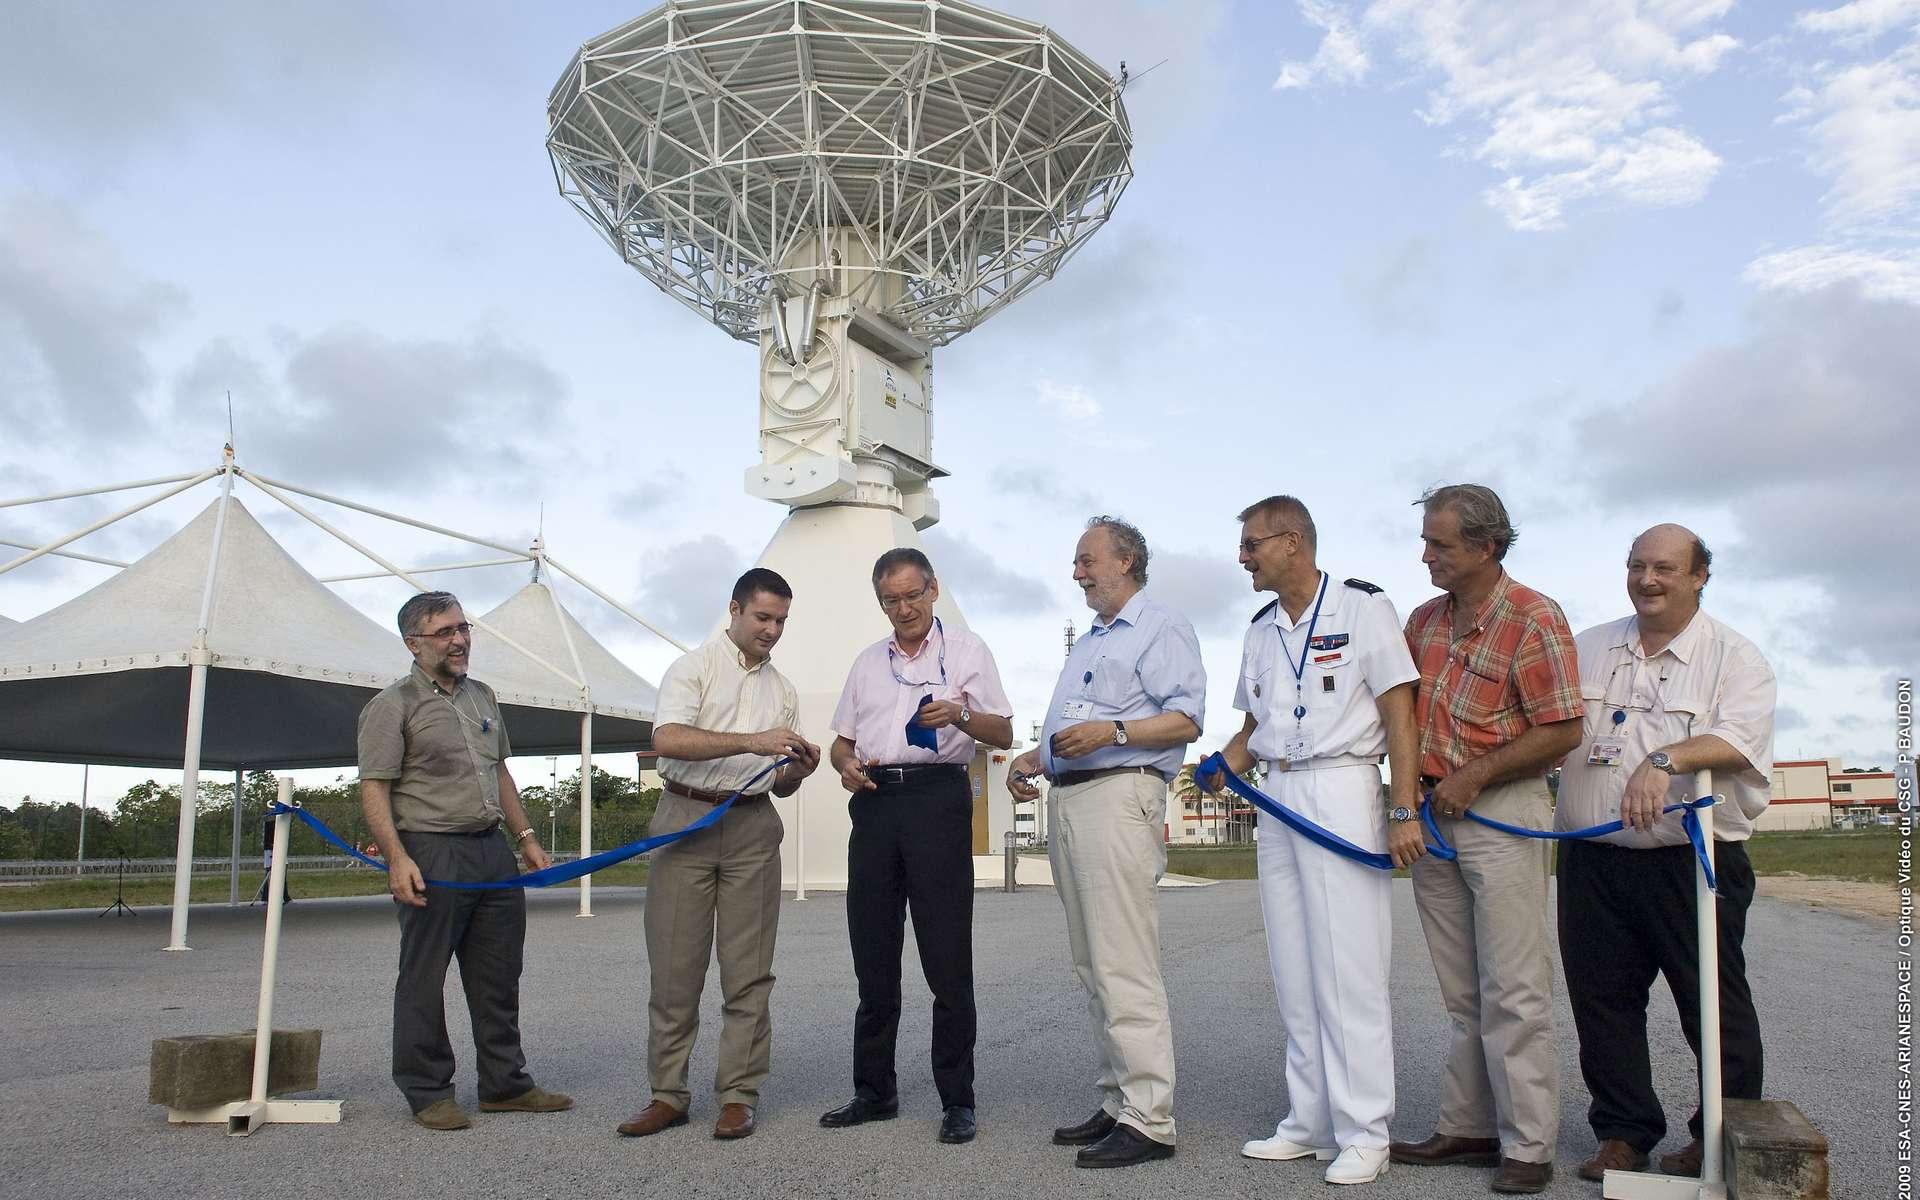 Joël Barre, directeur du Cnes/CSG vient de couper le cordon, avec, à sa gauche, René Oosterlinck, directeur du programme Galileo. Les installations de la station au sol hébergées au CSG (Centre spatial guyanais) viennent d'être officiellement inagurées, ce jeudi 19 novembre 2009. © ESA/CNES/ARIANESPACE/Optique Video CSG/P. Baudon/2009